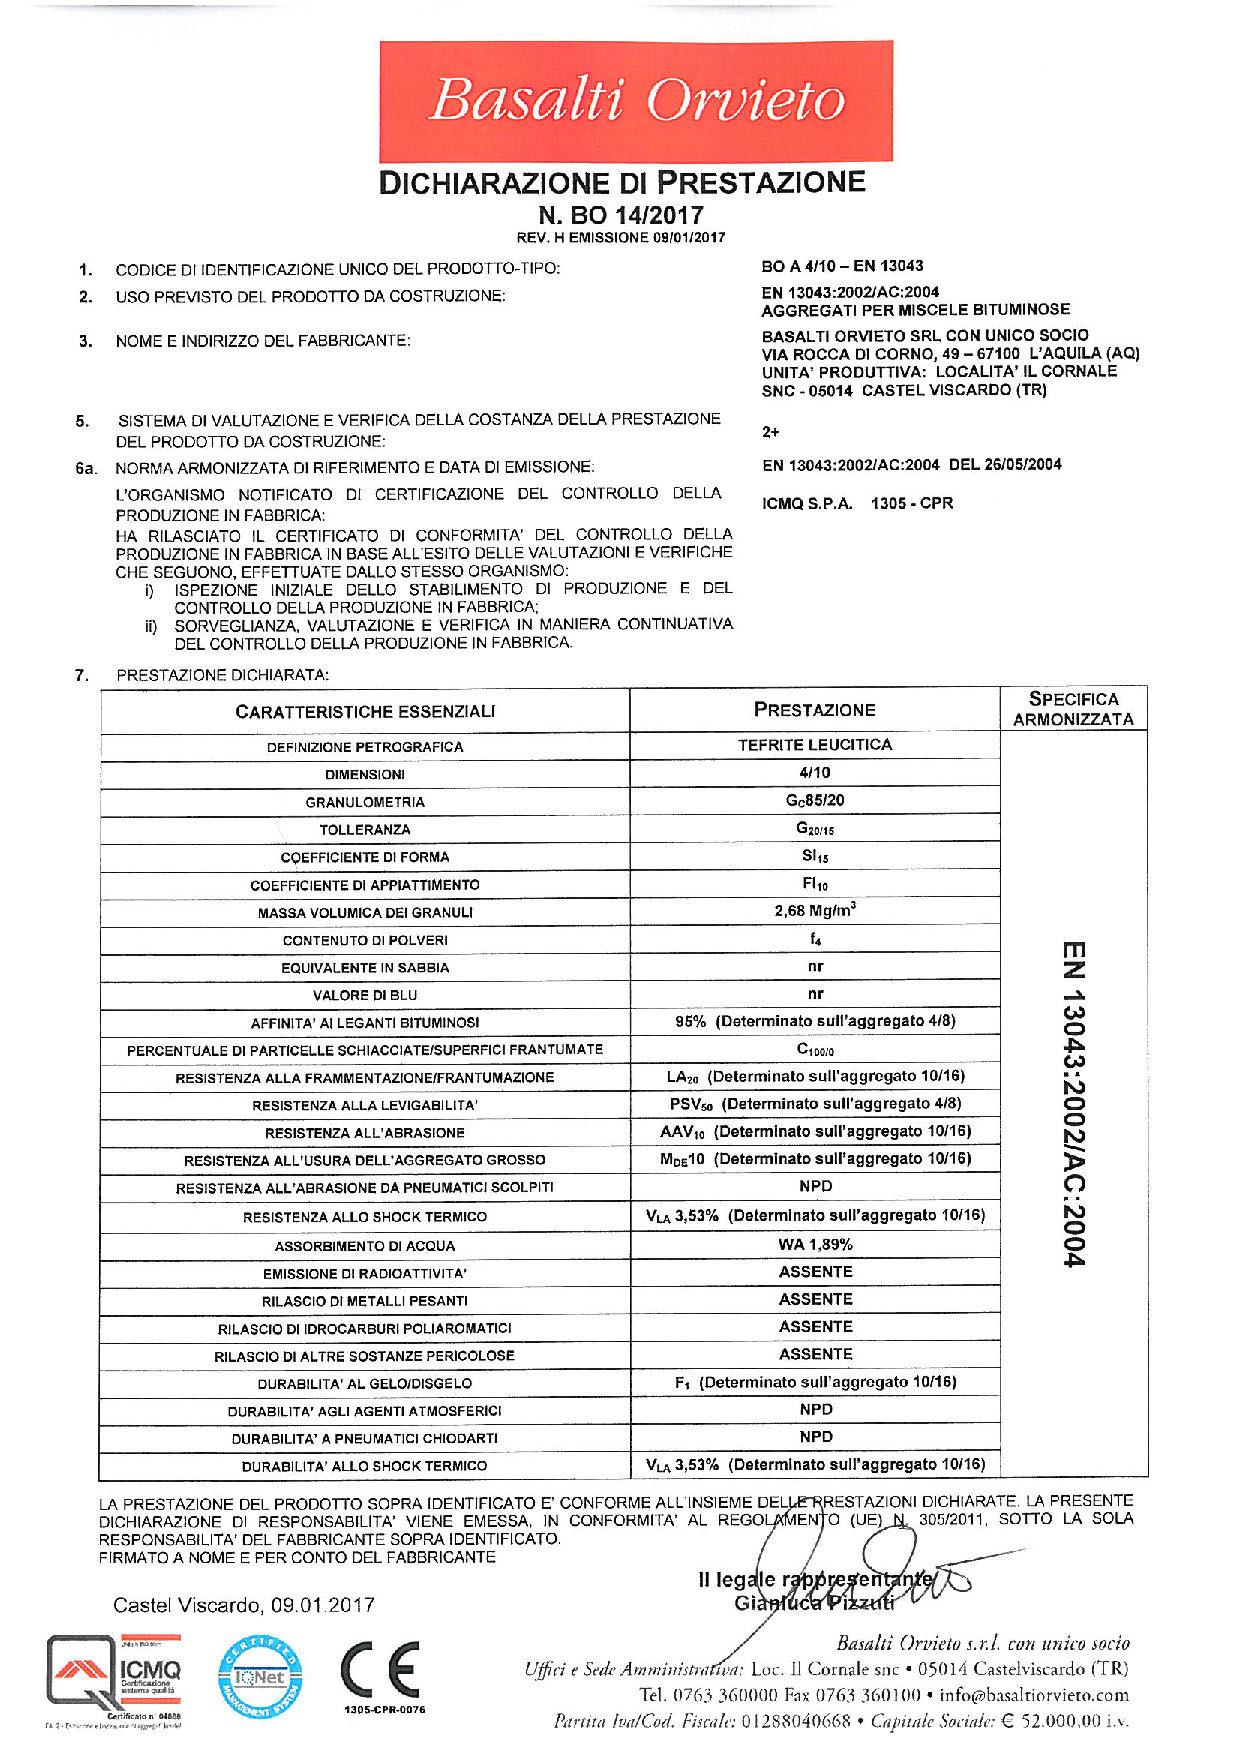 Asfalto_DoP 4-10 - EN 13043